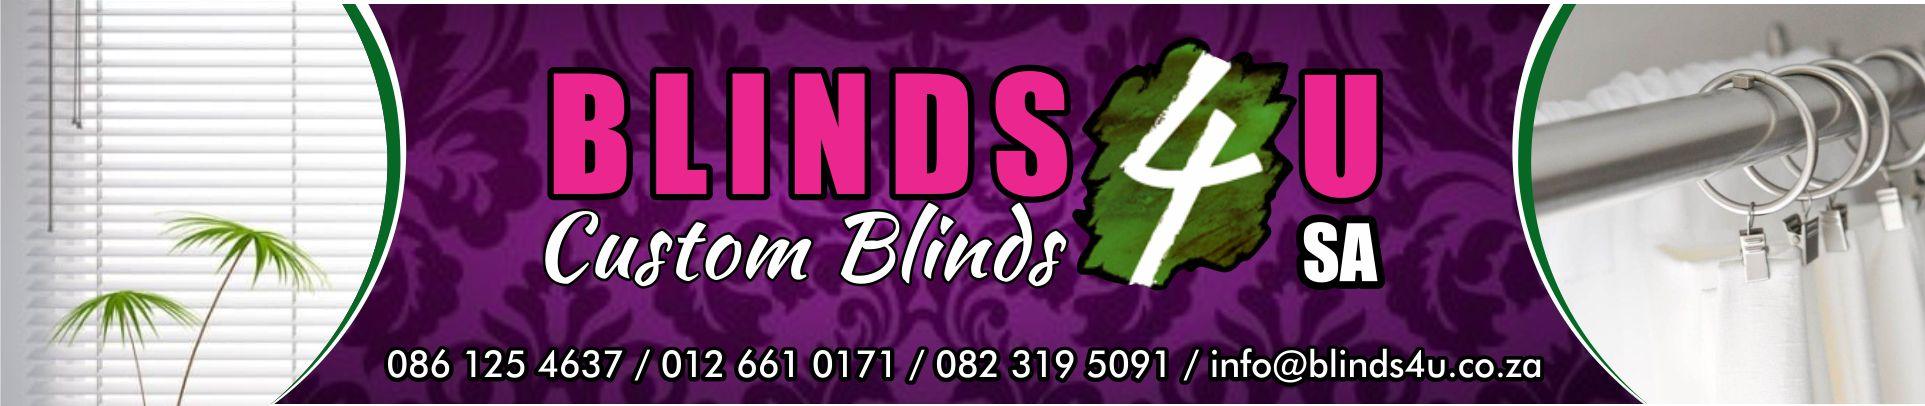 Blinds4U Banner 2021